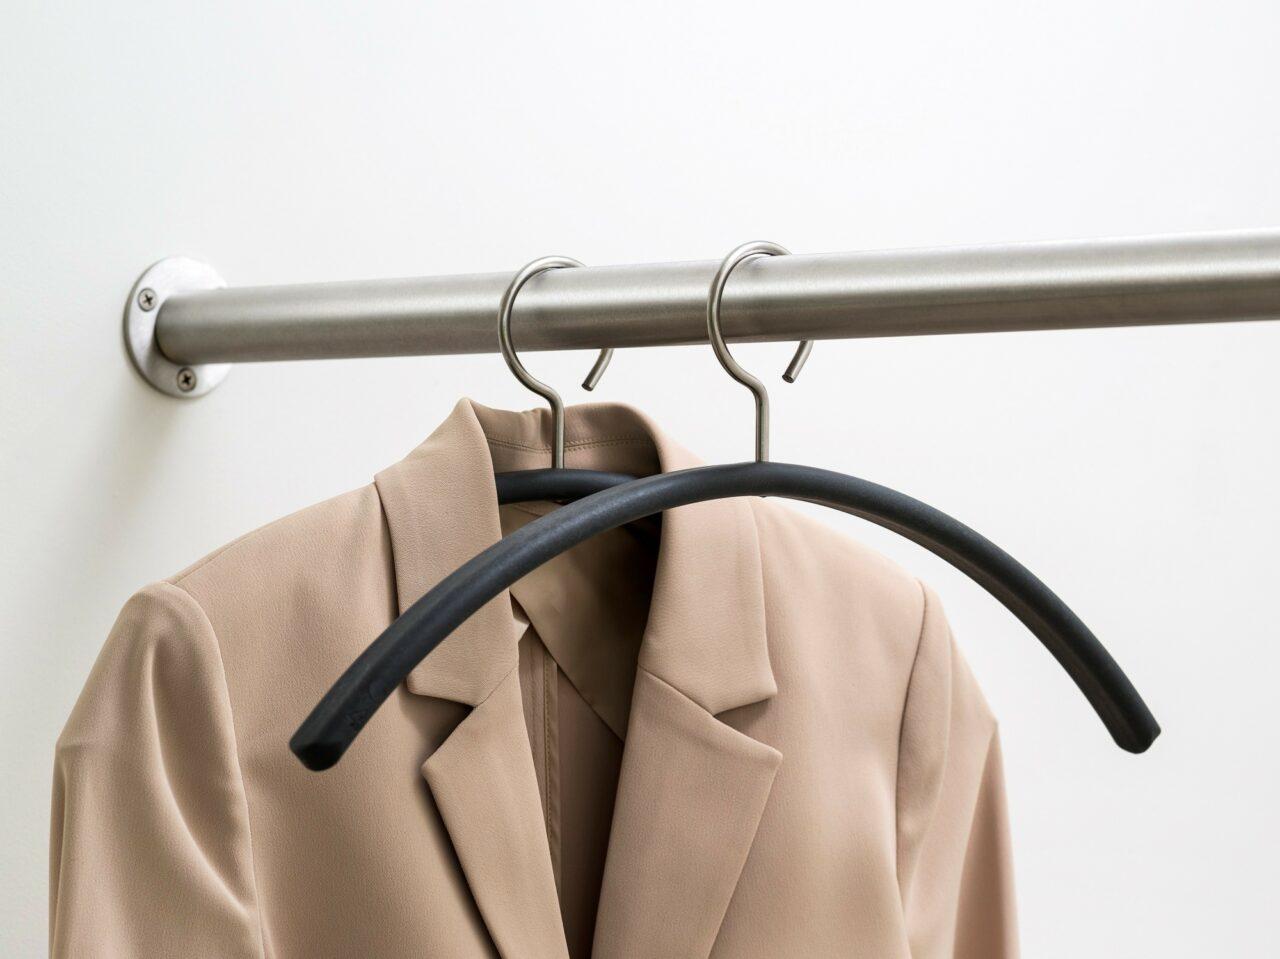 van Esch coat hanger Tubulus 200